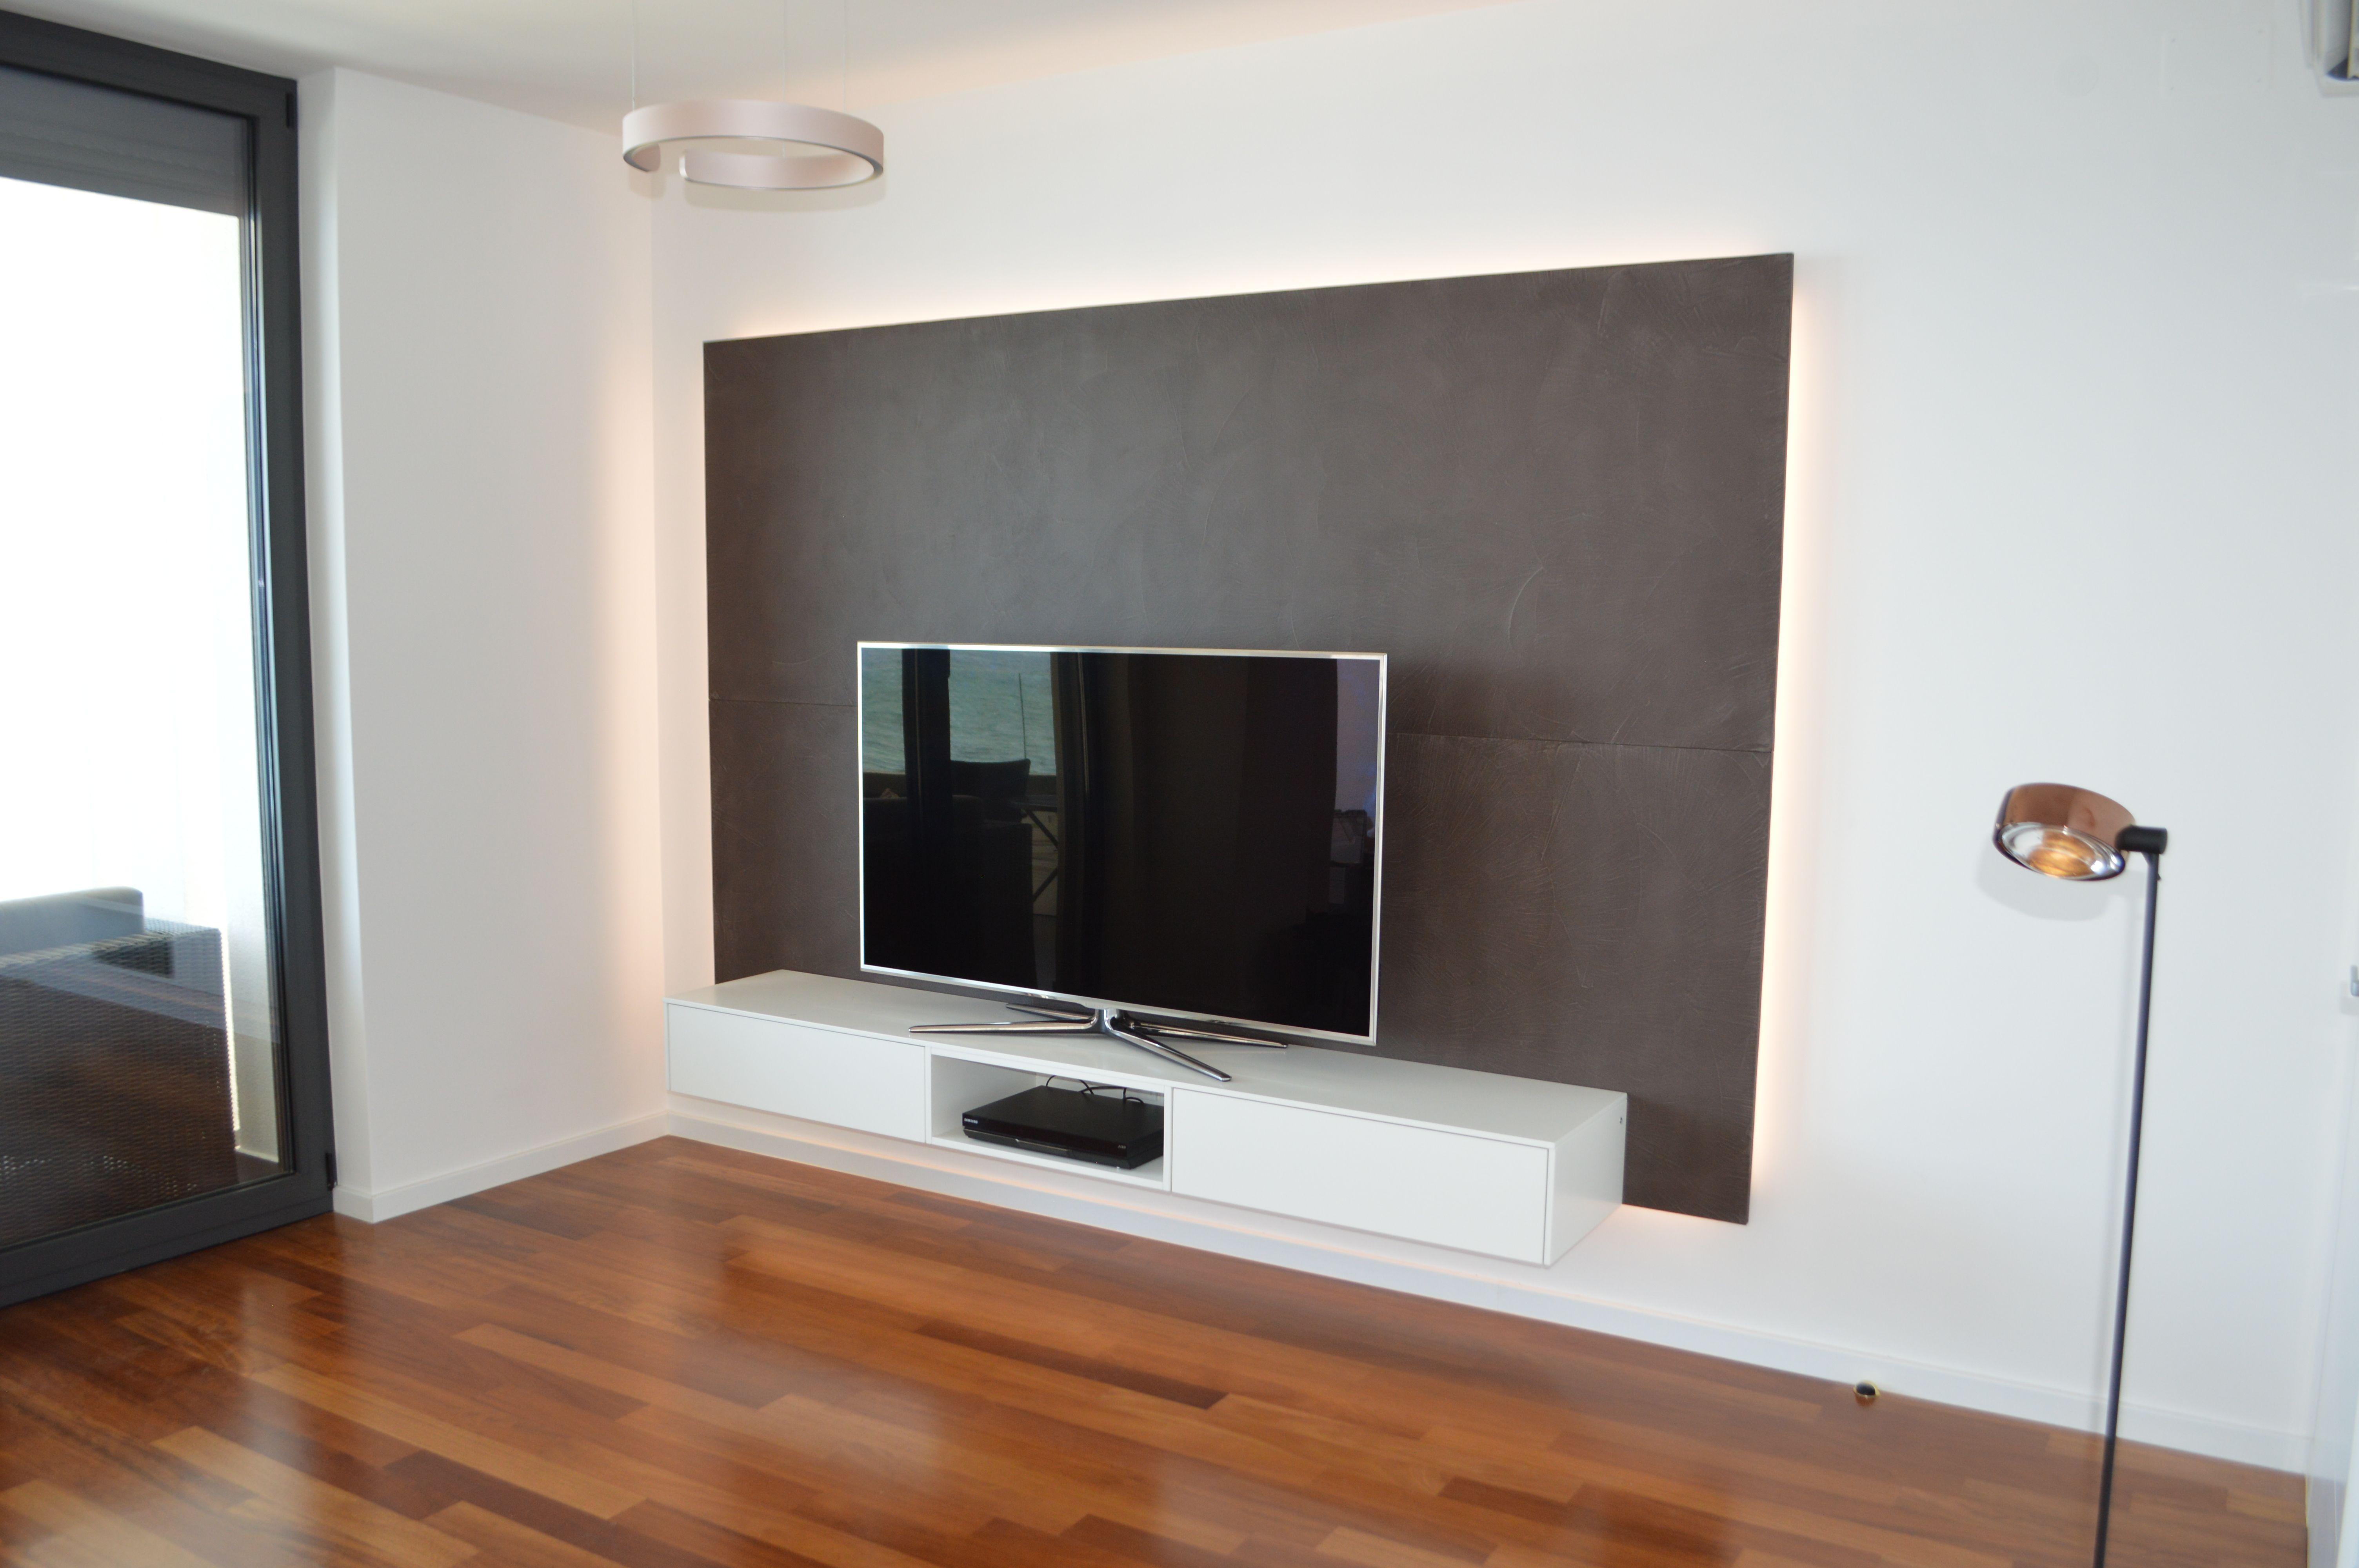 Tv Wand Mit Lowboard Und R 252 Ckwand Aus Beton Cir 233 F 252 R Eine Ferienwohnung Am Meer Ein Fernseher